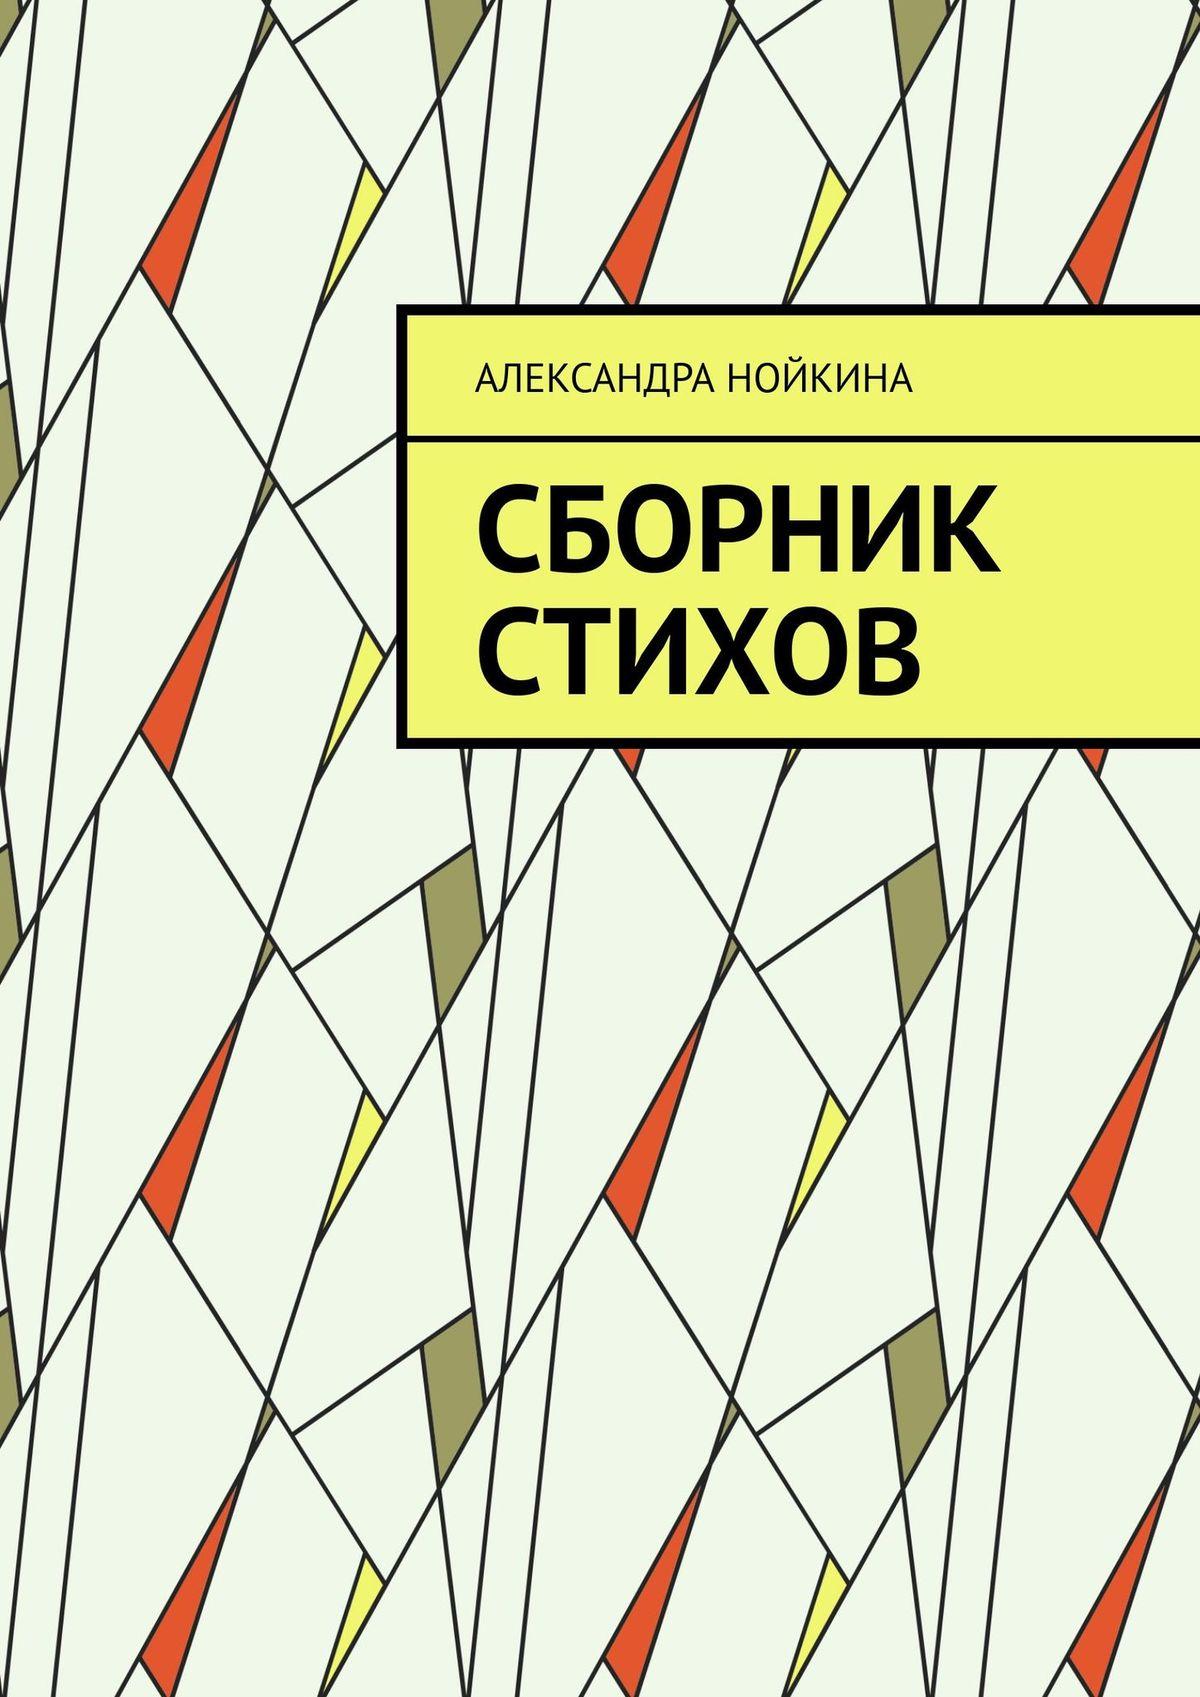 Александра Нойкина Сборник стихов александра адмиралова как я заработала свой первый миллион роман в стихах